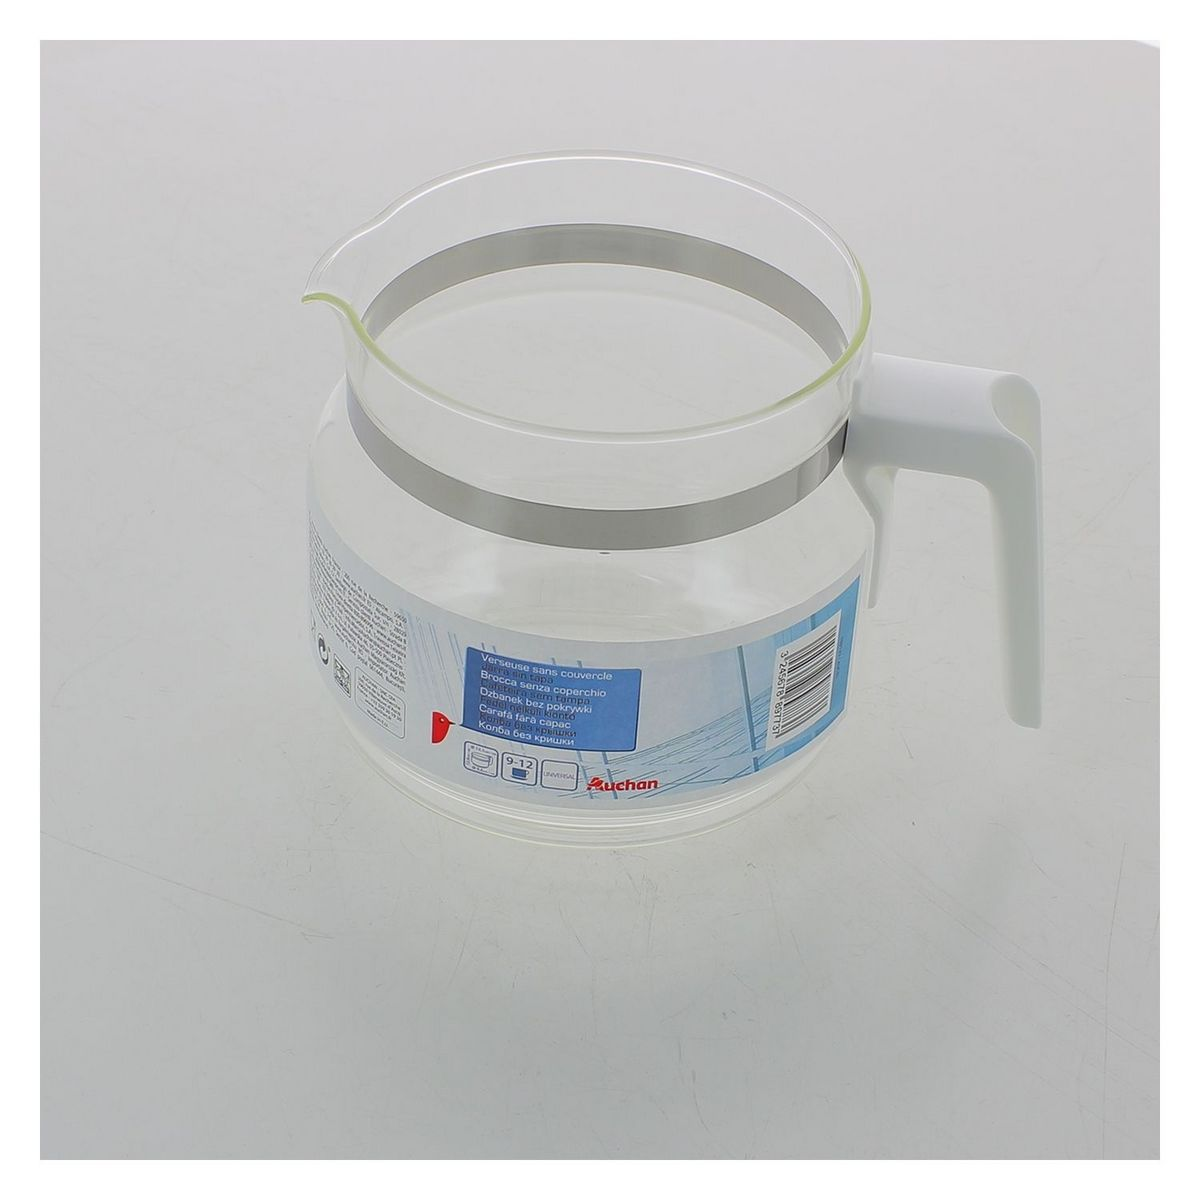 Verseuse blanche 9-12 tasses sans couvercle